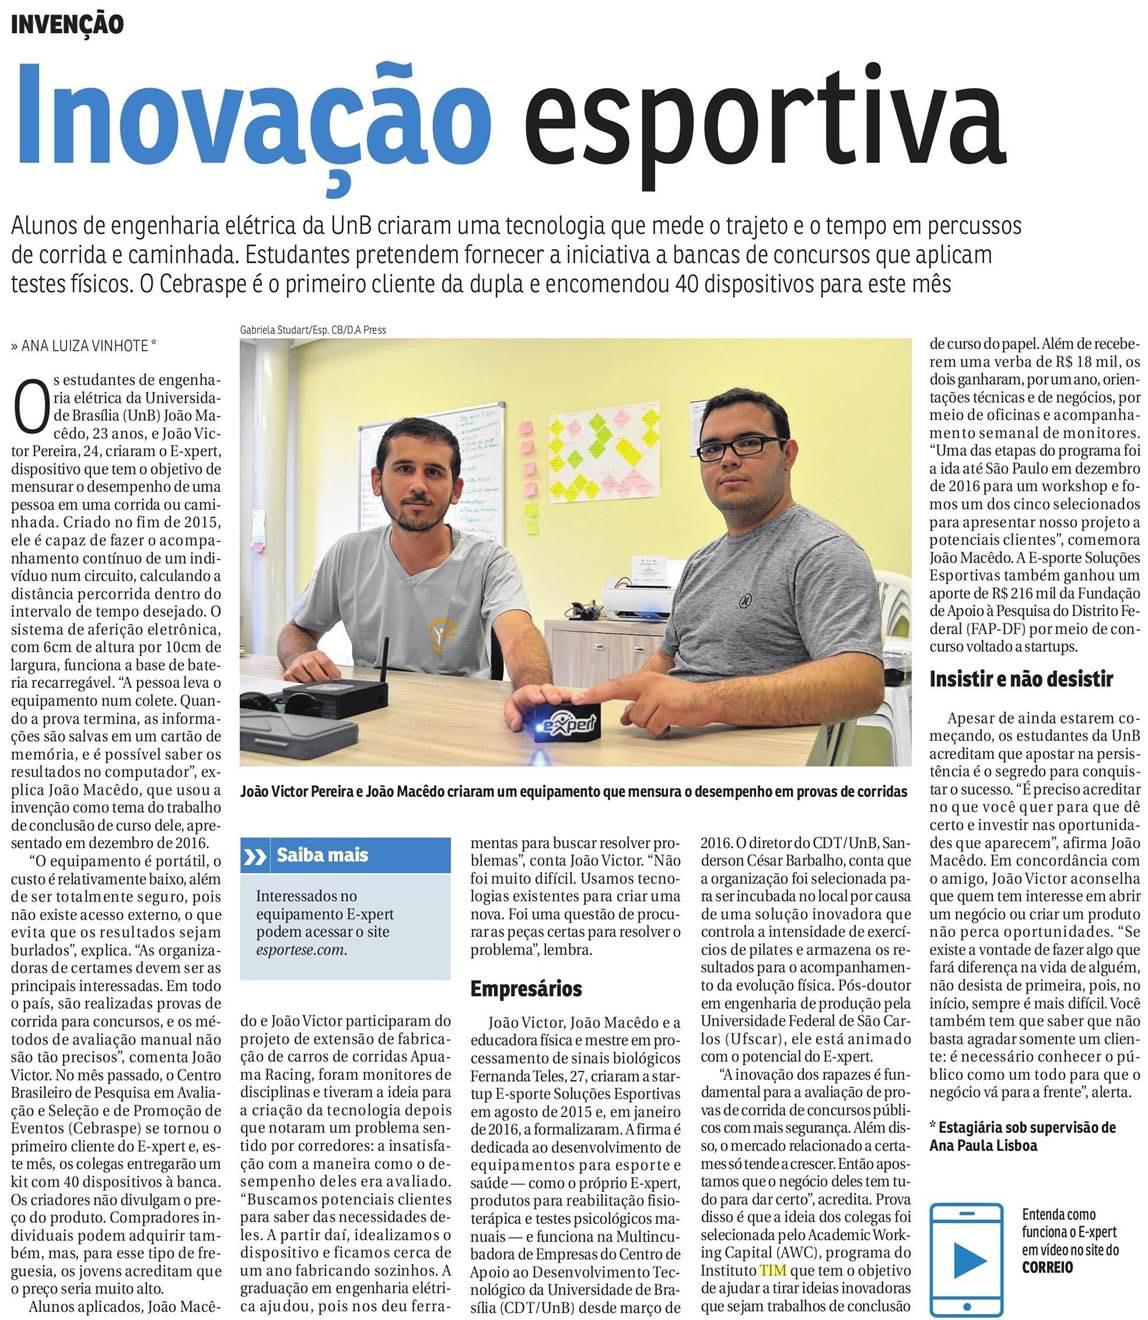 08_01_2016-correio-braziliense_inovacao-esportiva